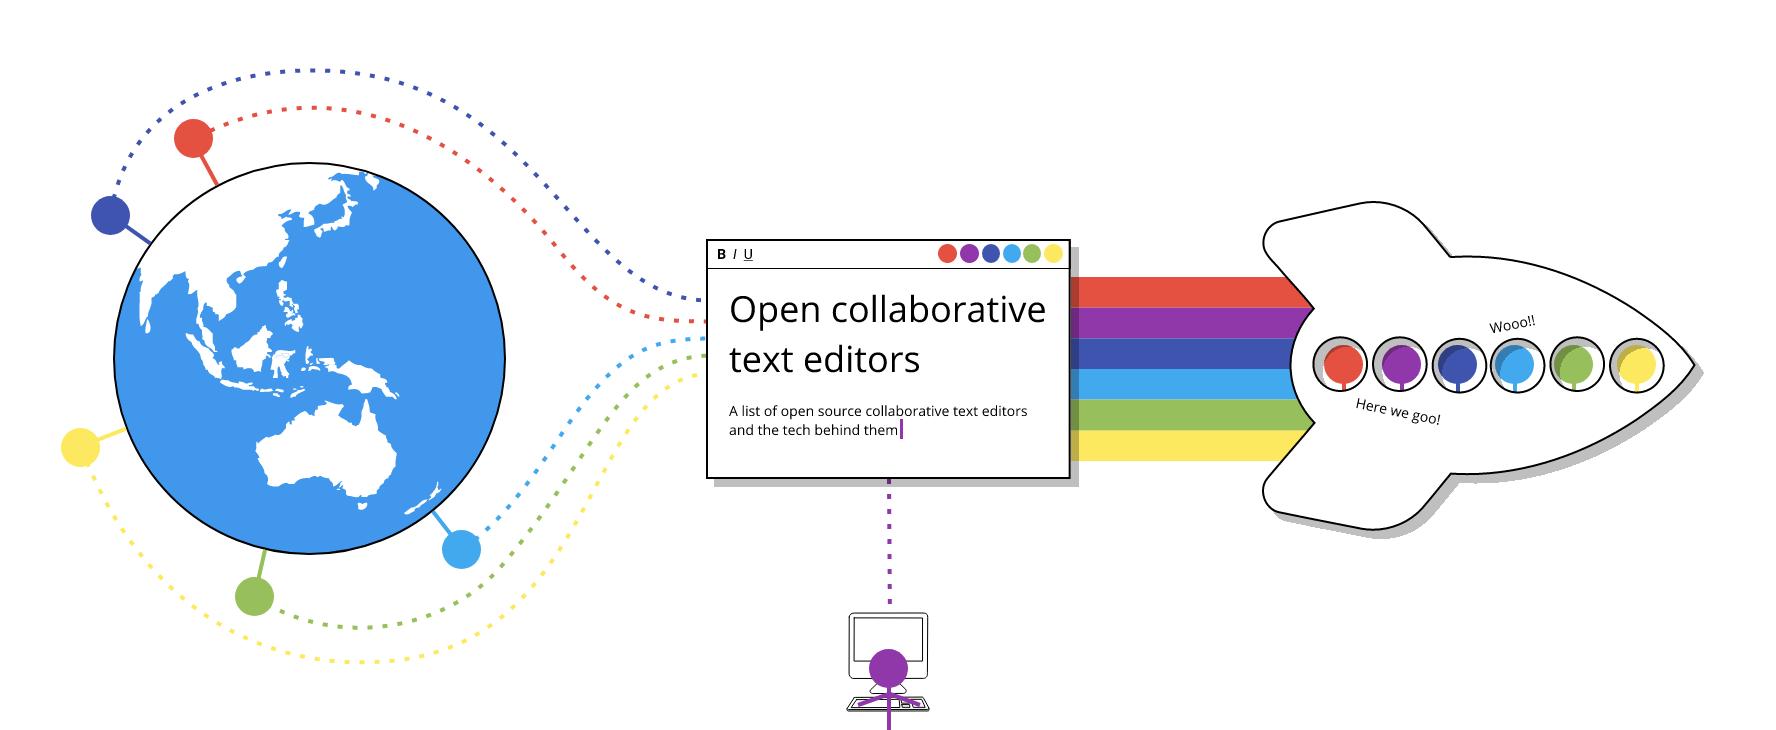 Свободные текстовые редакторы для совместной работы - 1